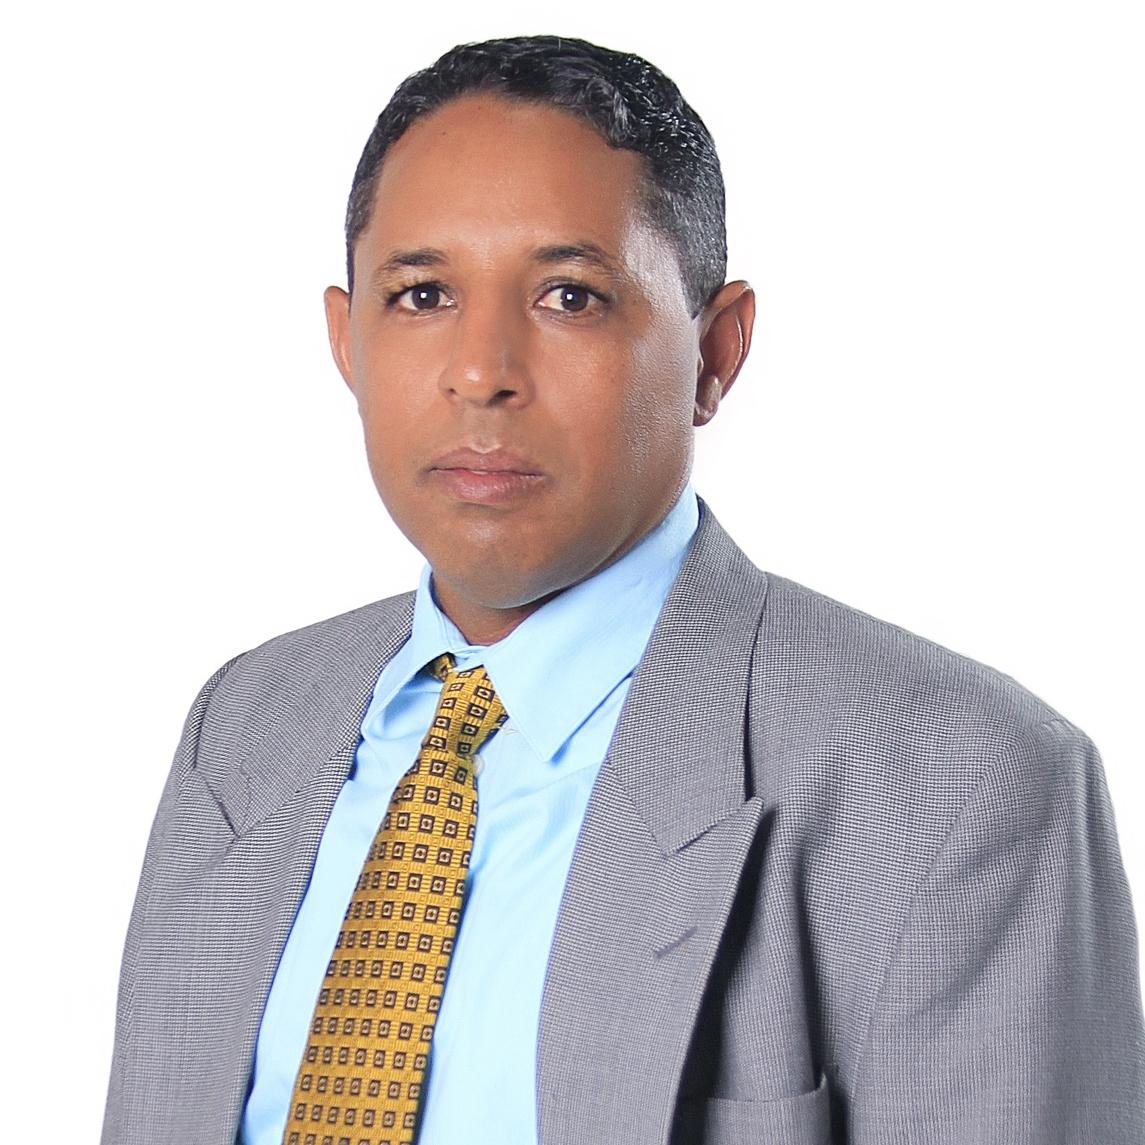 Miguel Santos Hilario